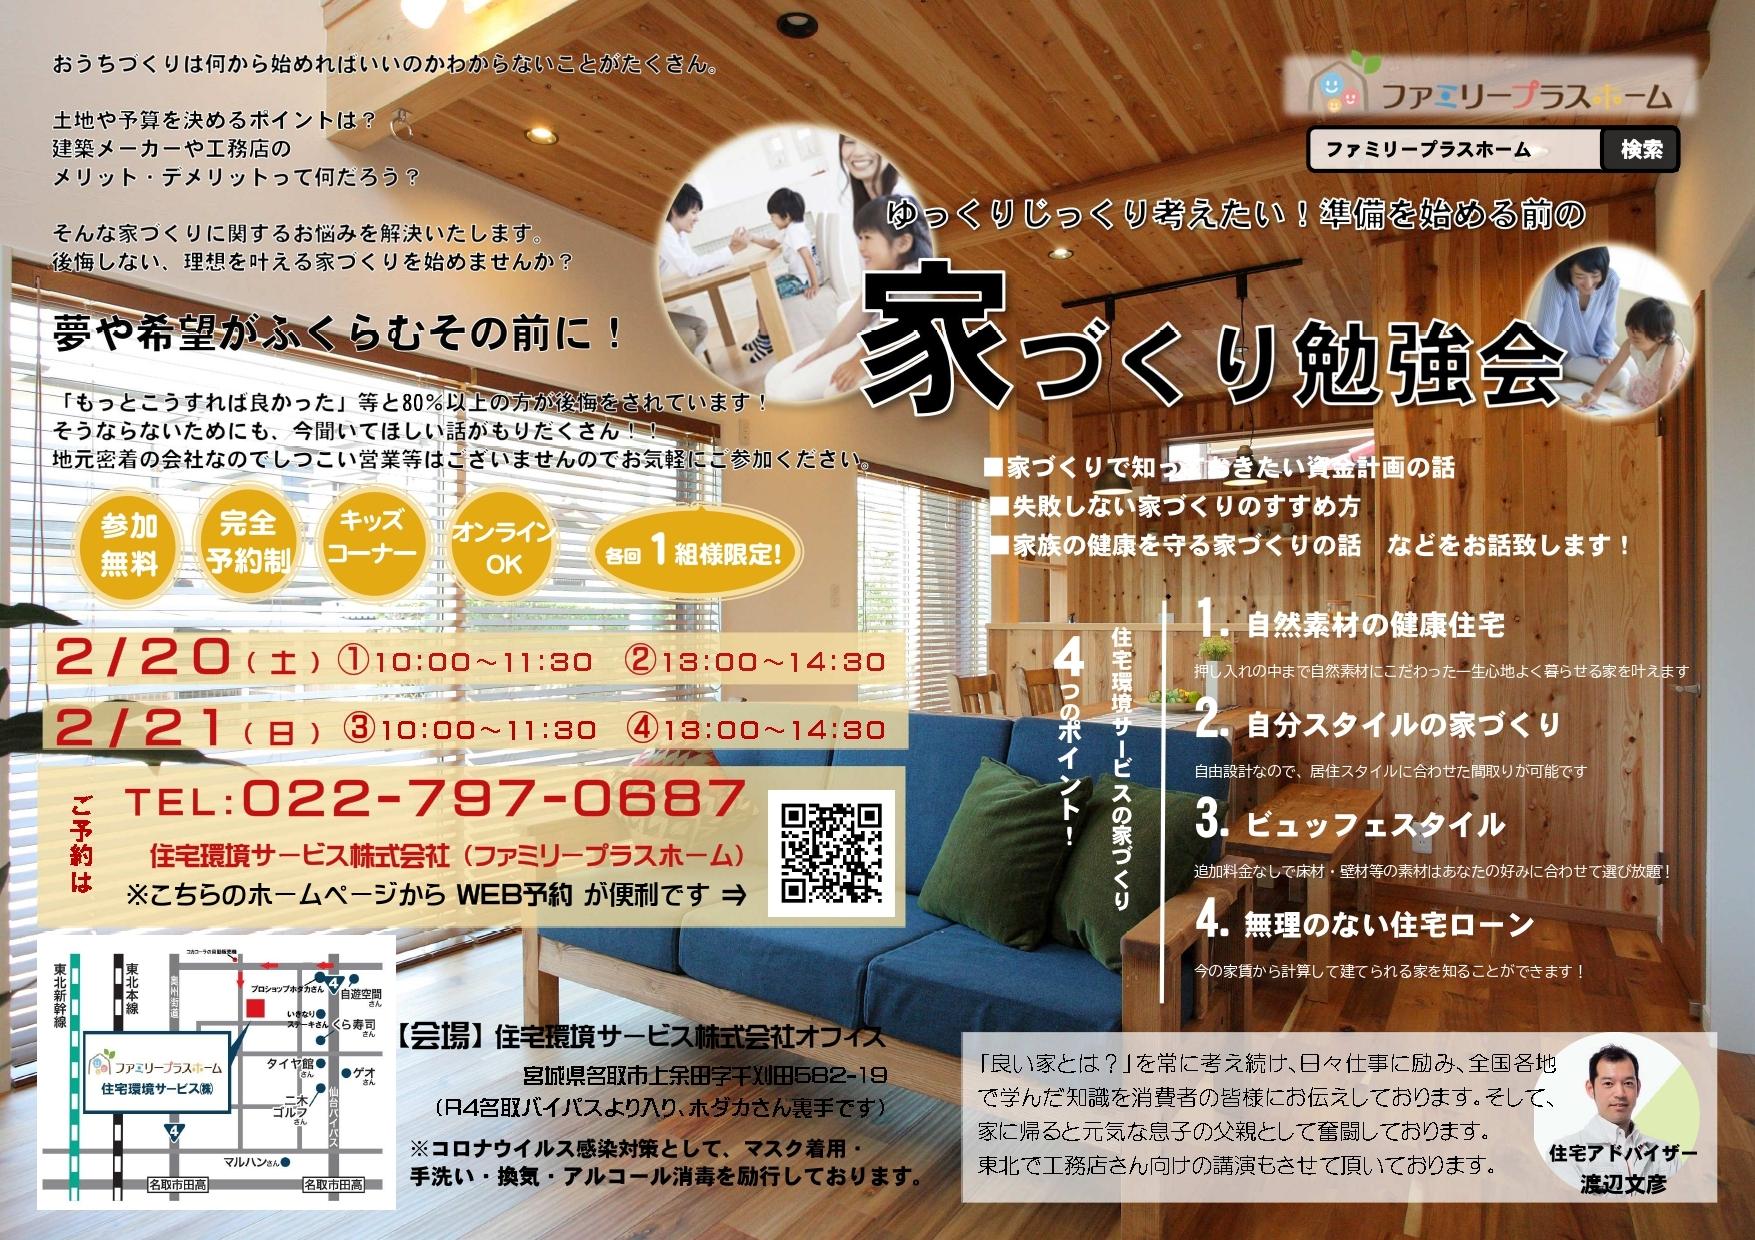 http://www.jutakukankyo-service.jp/0a791735ac04290daaba80a470150f461511f589.jpg